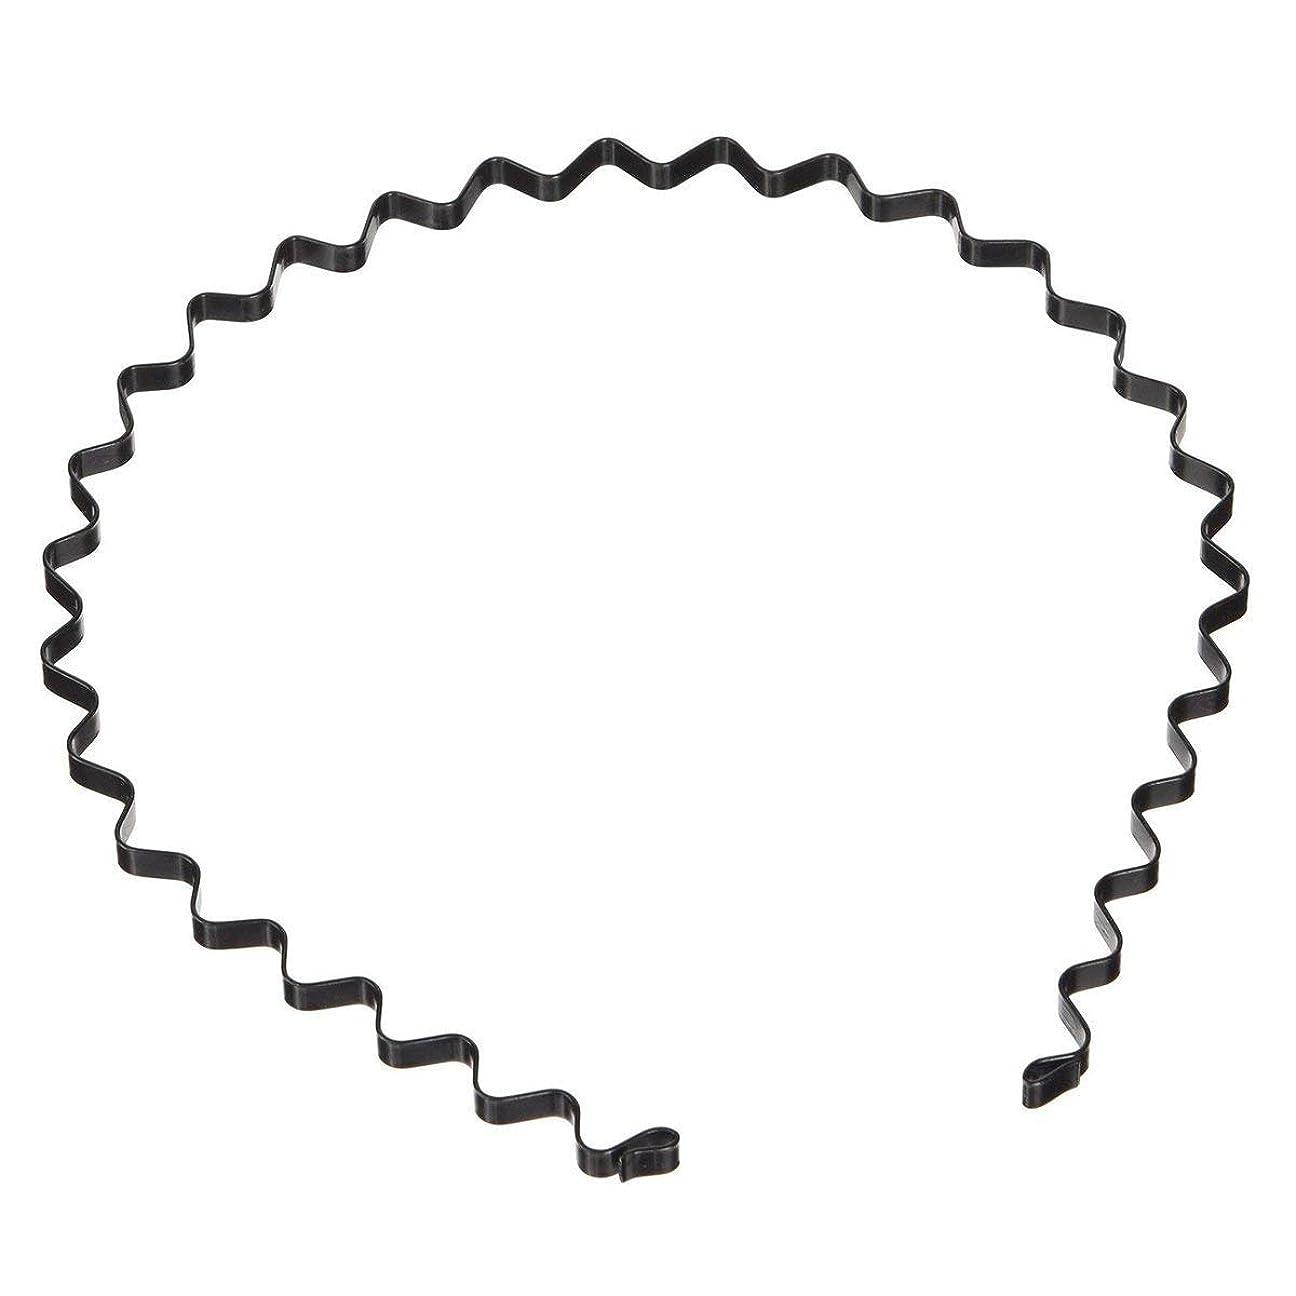 専制アシスタント実験的Onior ユニセックスブラックスプリングウェーブメタルフープヘアバンドガールメンズヘッドバンドアクセサリー1ピース耐久性と実用的